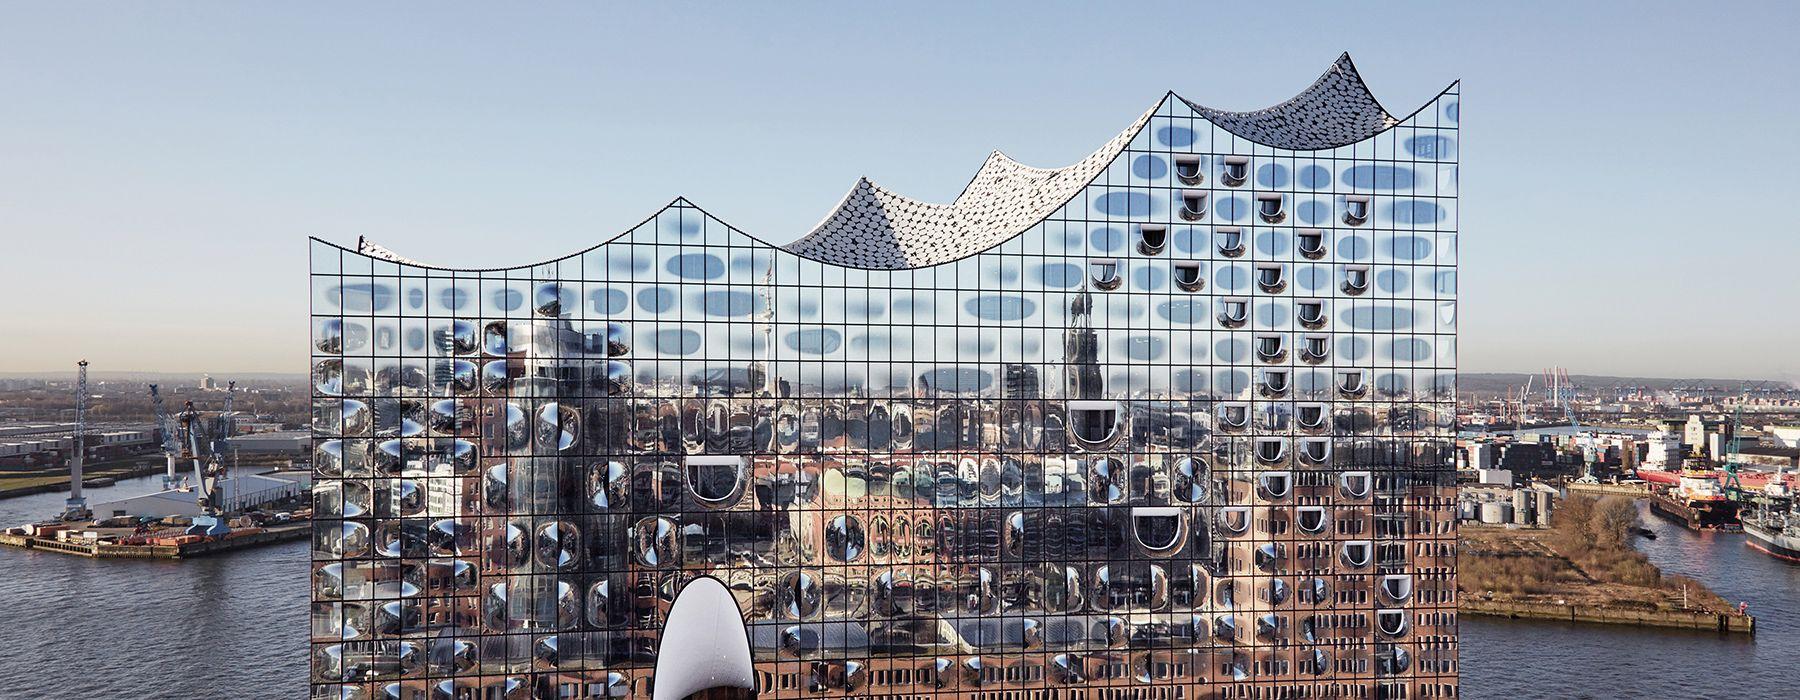 New Images Of Herzog De Meuron S Elbphilharmonie Concert Hall Church Architecture Elbphilharmonie Concert Hall